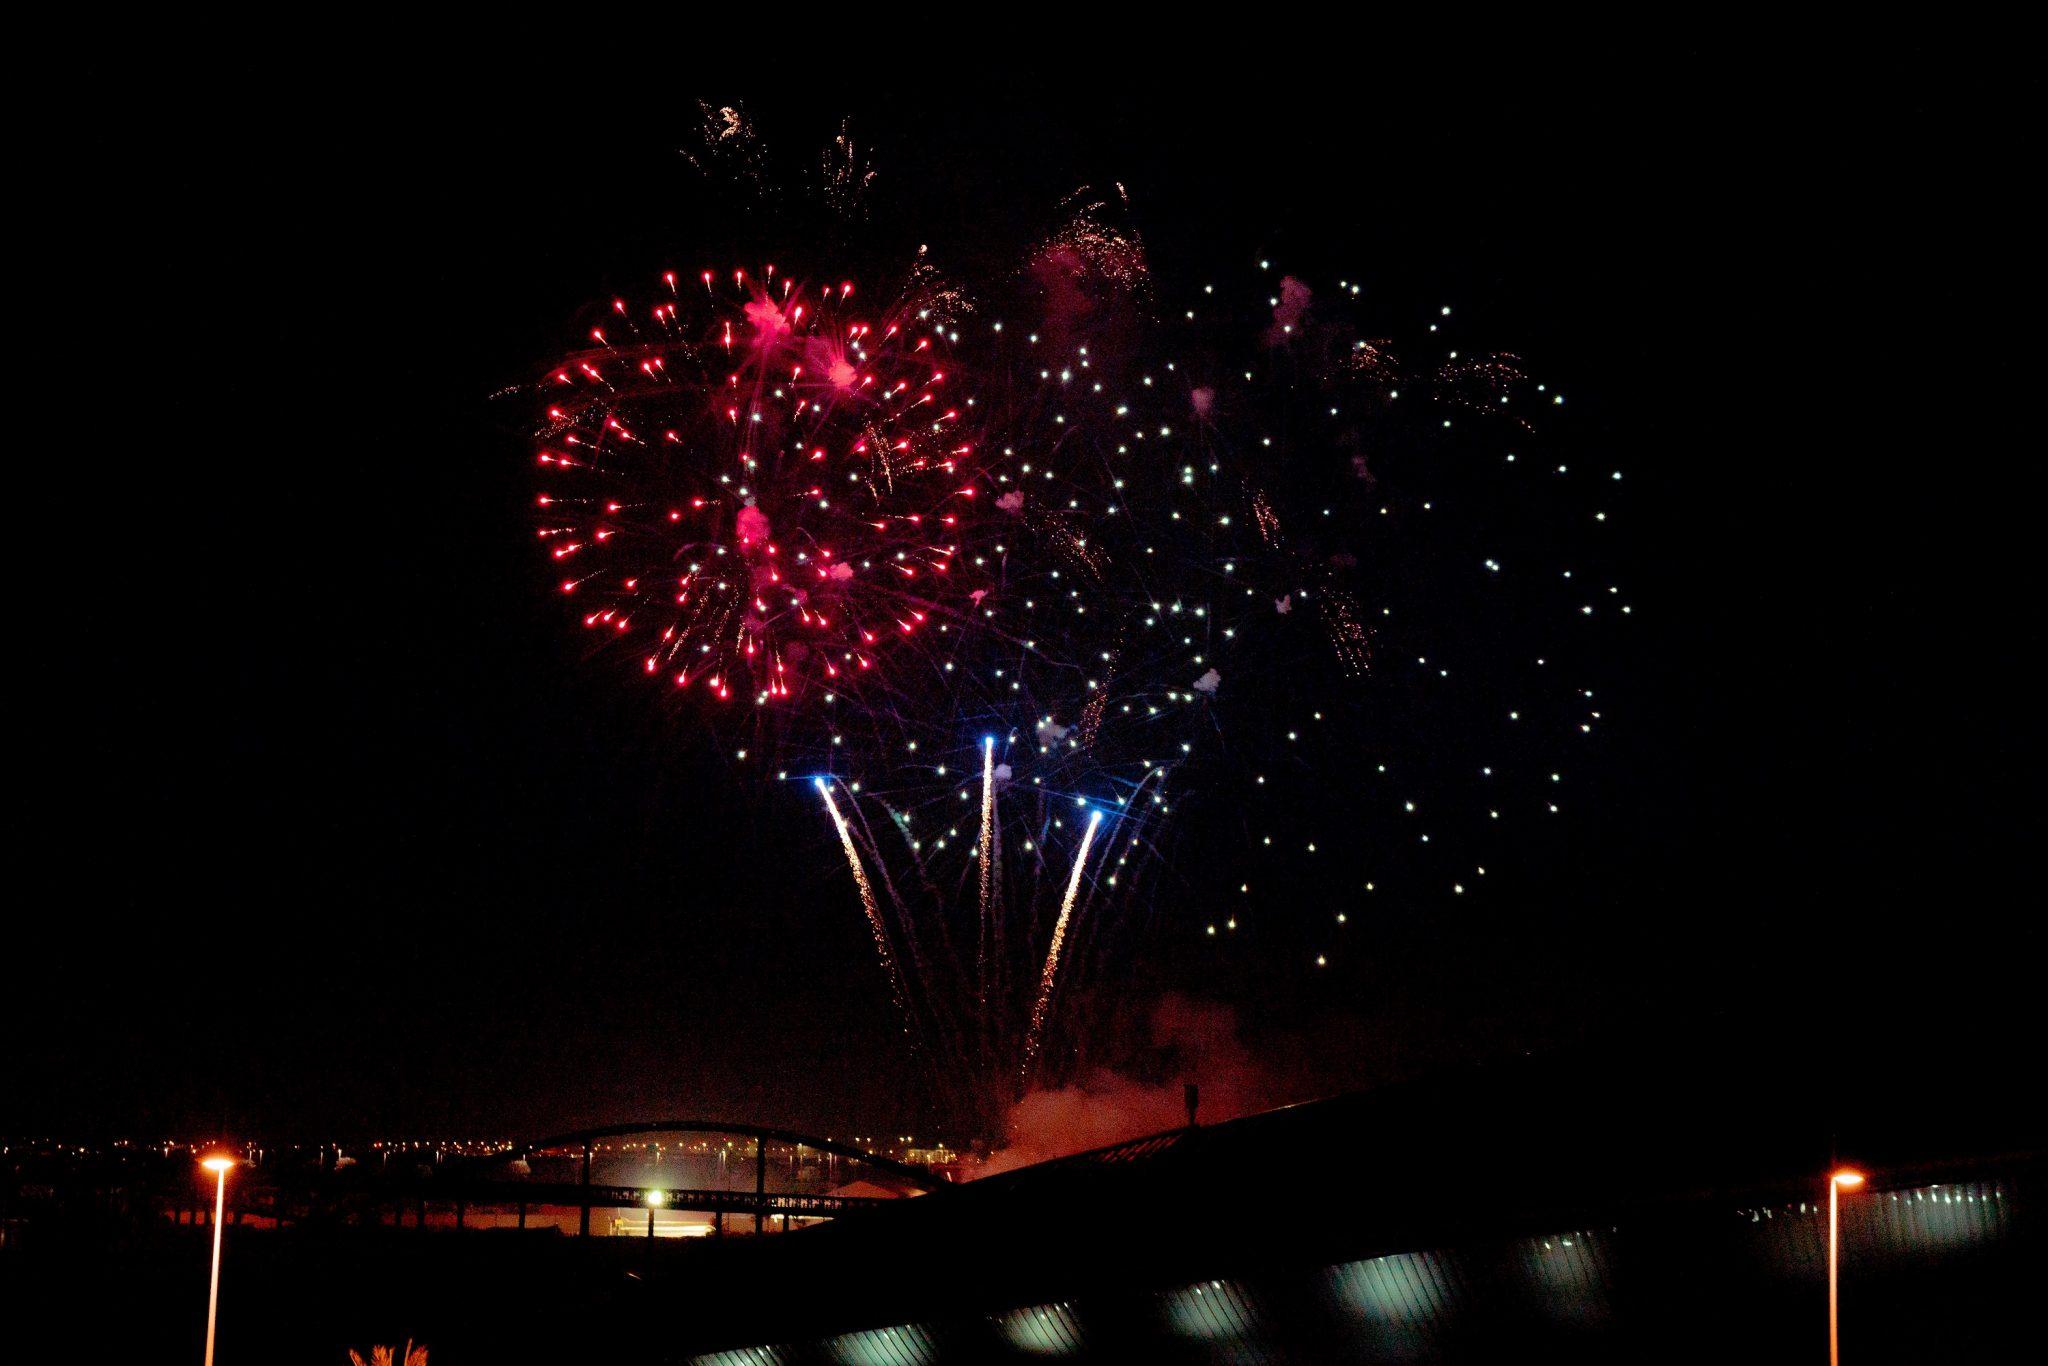 جزيرة ياس تحتفي باليوم الوطني لدولة الإمارات بعرض ألعاب نارية مميز وفعاليات استثنائية (2)